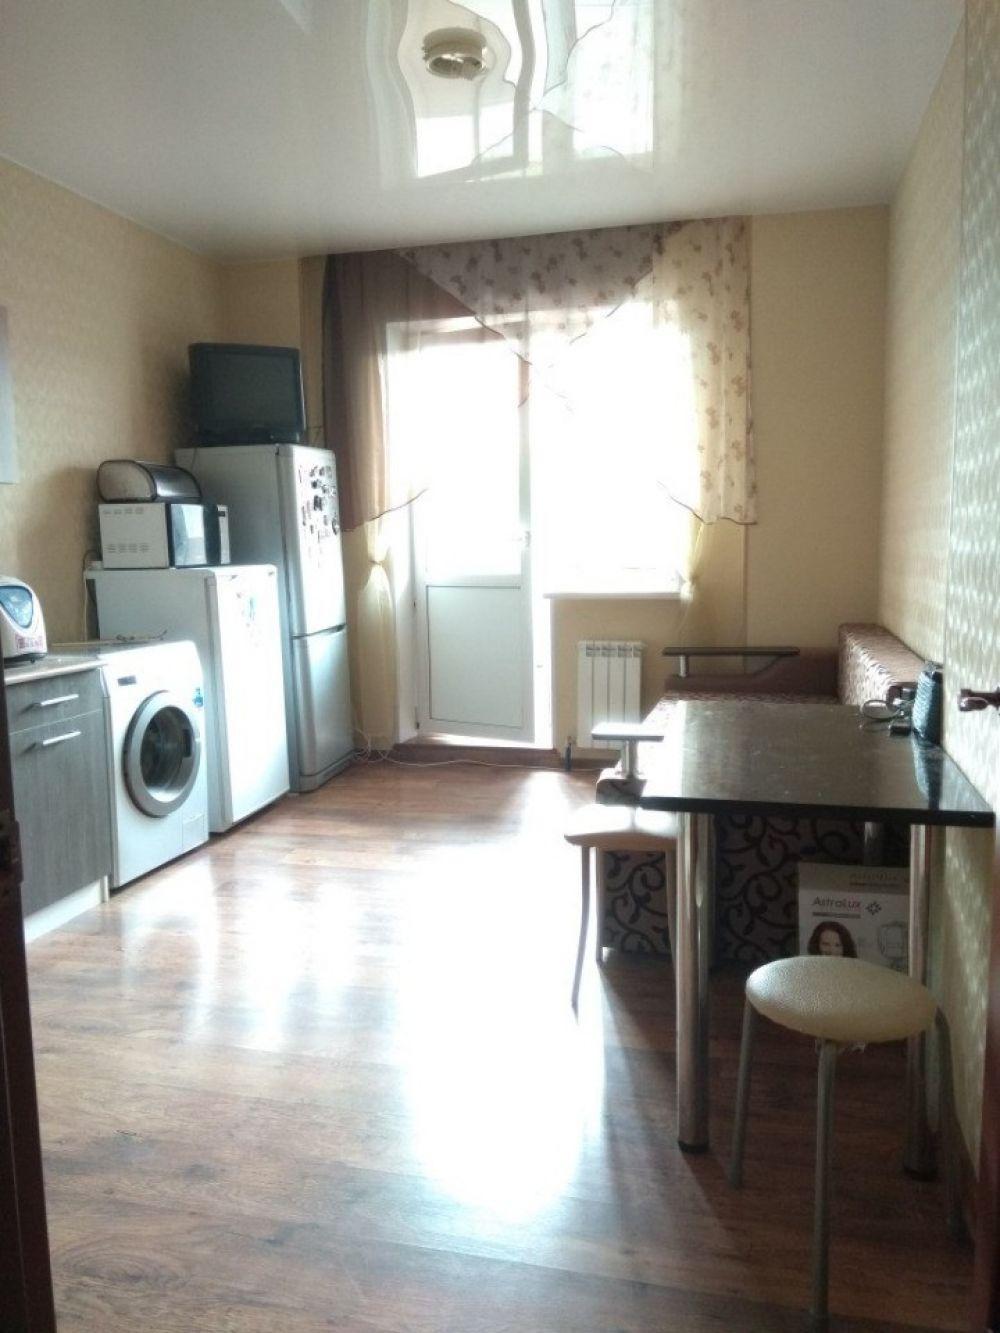 Однокомнатная квартира 44 м2, микрорайон Богородский д.1, фото 3